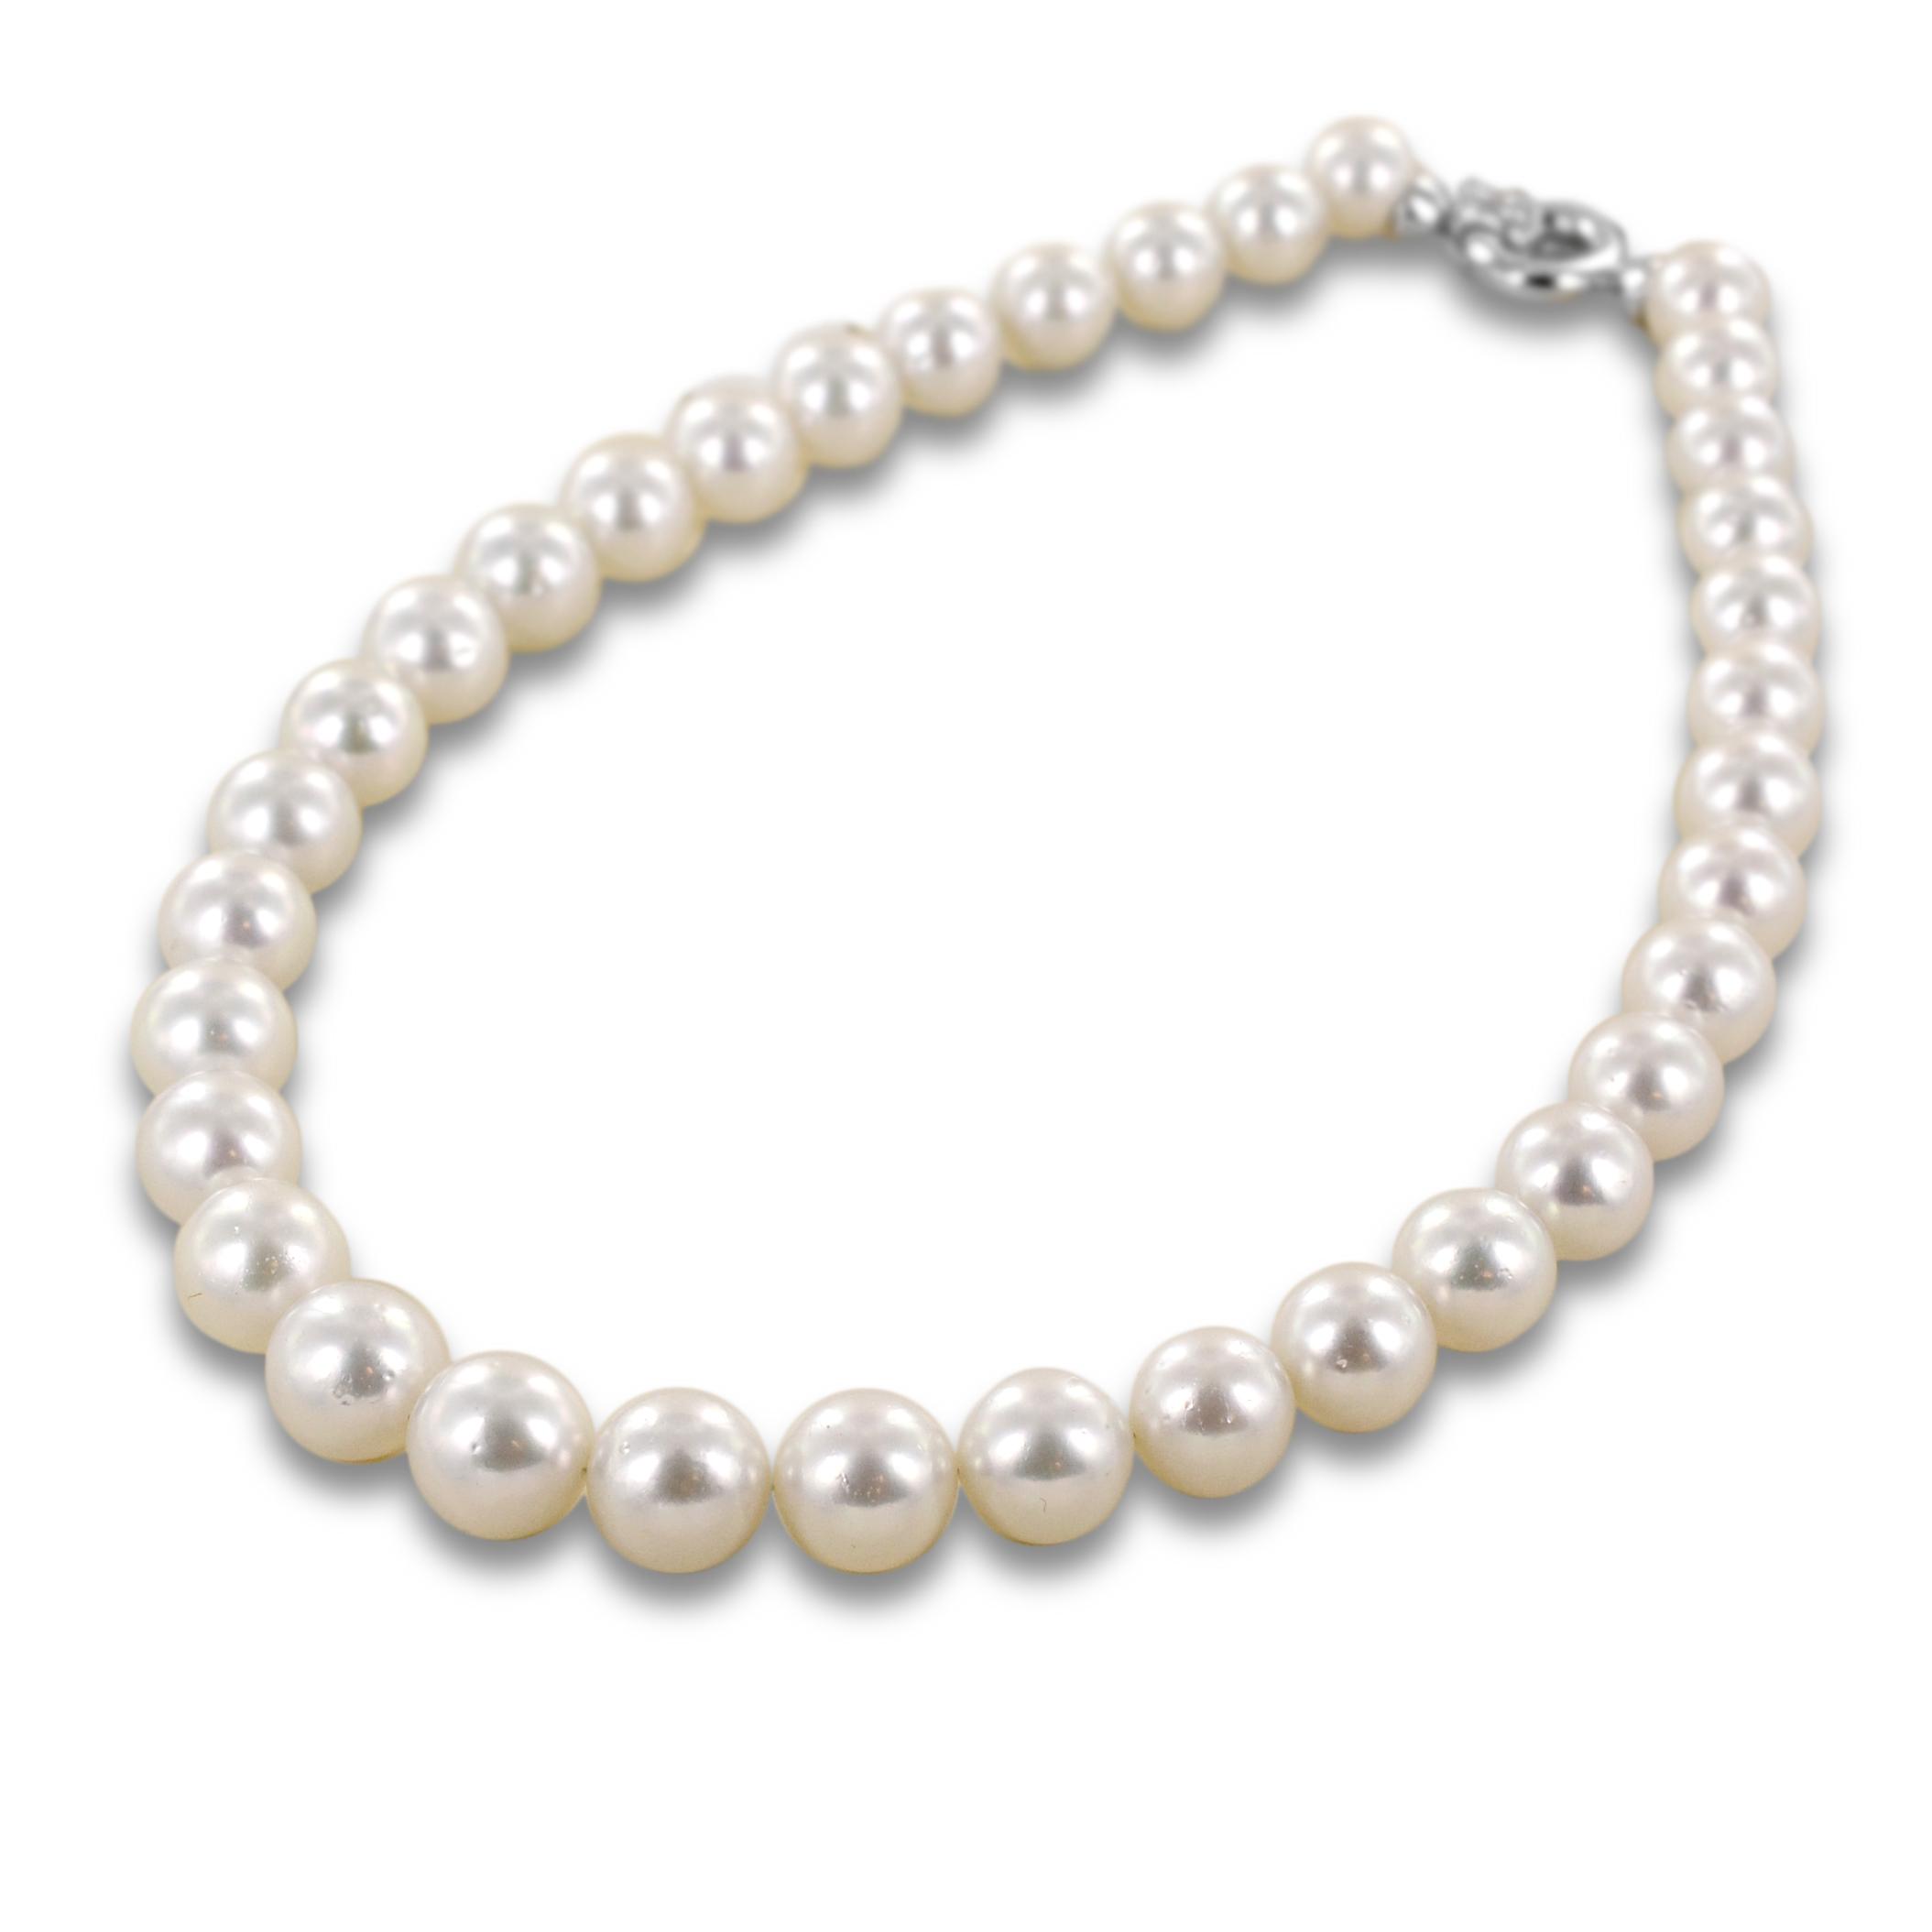 collana-filo-di-perle-australiane-grandi-con-chiusura-in-oro-e-diamanti-yoshiko-161399